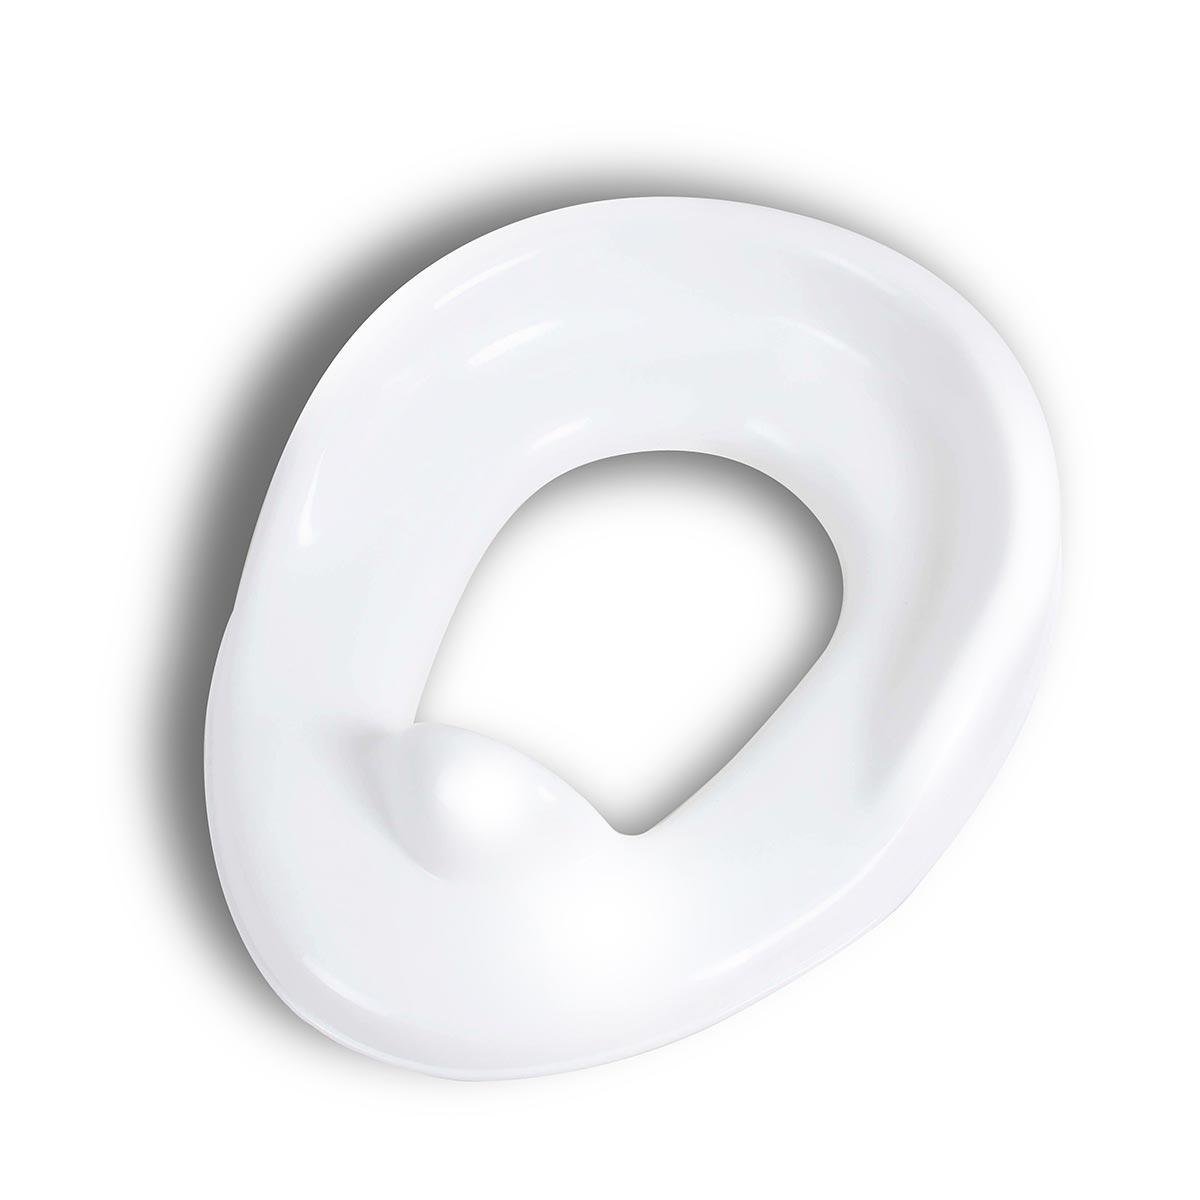 Redutor Sanitário Universal Branco BabyGo Premium